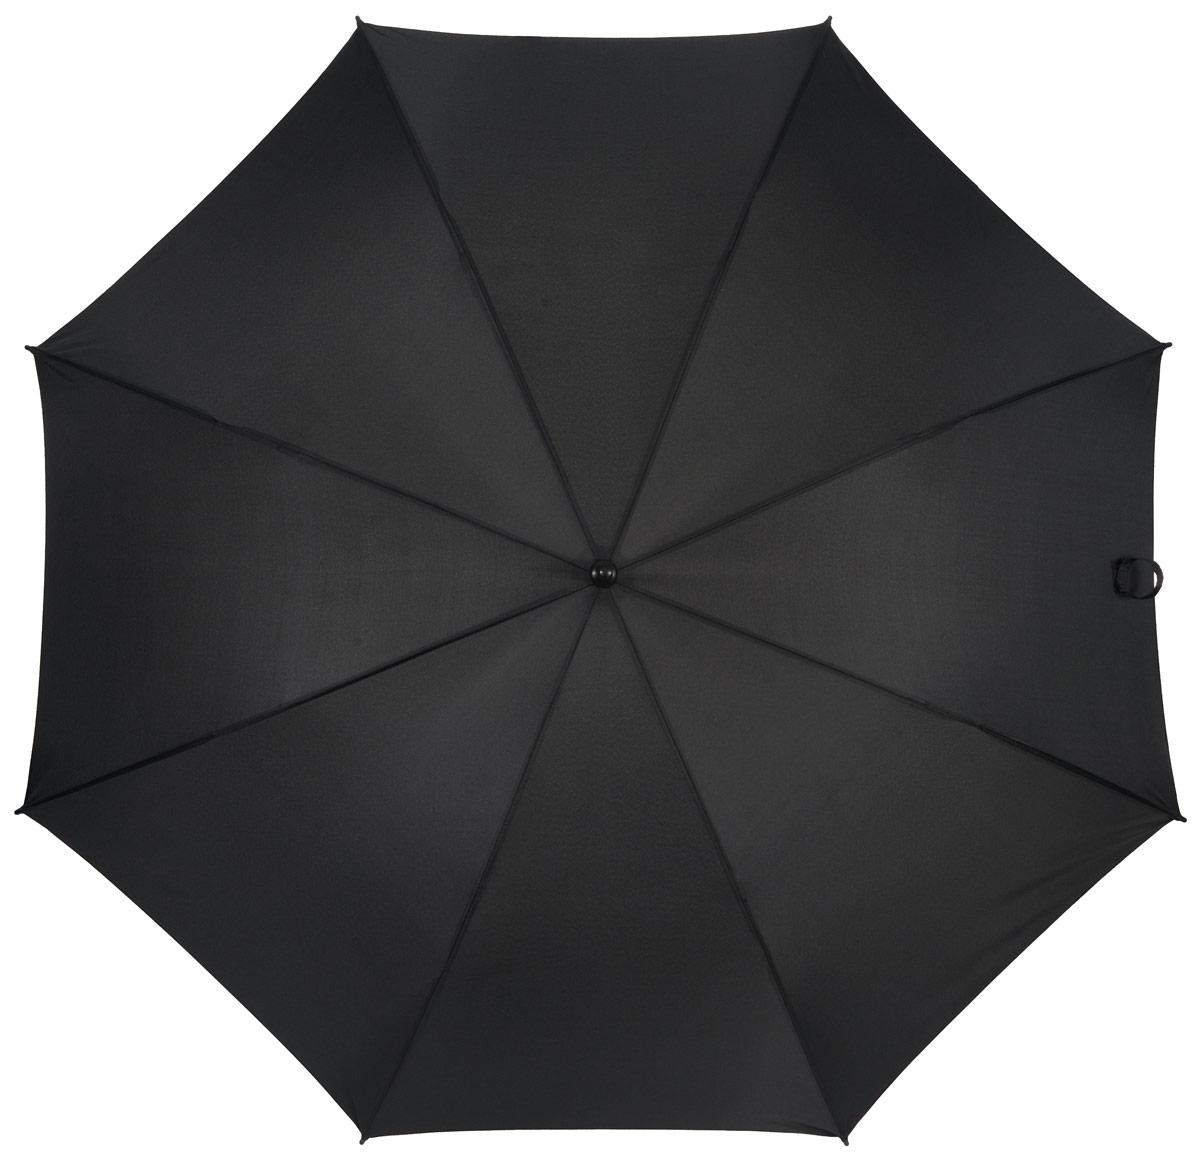 Зонт-трость мужской Эврика Меч самурая, полуавтомат, 3 сложения, цвет: черный. 9366393663Оригинальный мужской зонт Эврика станет отличным подарком для человека, которому нравятся необычные подарки. Зонт состоит из 8 спиц и стержня, изготовленных из качественного металла. Купол зонта изготовлен из качественного нейлона, который не пропускает воду. Зонт оснащен удобной пластиковой ручкой, выполненной в виде рукояти самурайского меча. Также зонт имеет наконечник, который устраняет попадание воды на стержень и уберегает зонт от повреждений. Зонт оснащен чехлом и удобным ремешком, благодаря которому зонт можно носить на плече. Изделие имеет полуавтоматический механизм сложения: купол открывается нажатием кнопки на ручке, а складывается вручную до характерного щелчка. Закрывается зонт хлястиком на кнопку. Такой оригинальный зонт не только привлечет внимание, но и надежно защитит вас от непогоды.